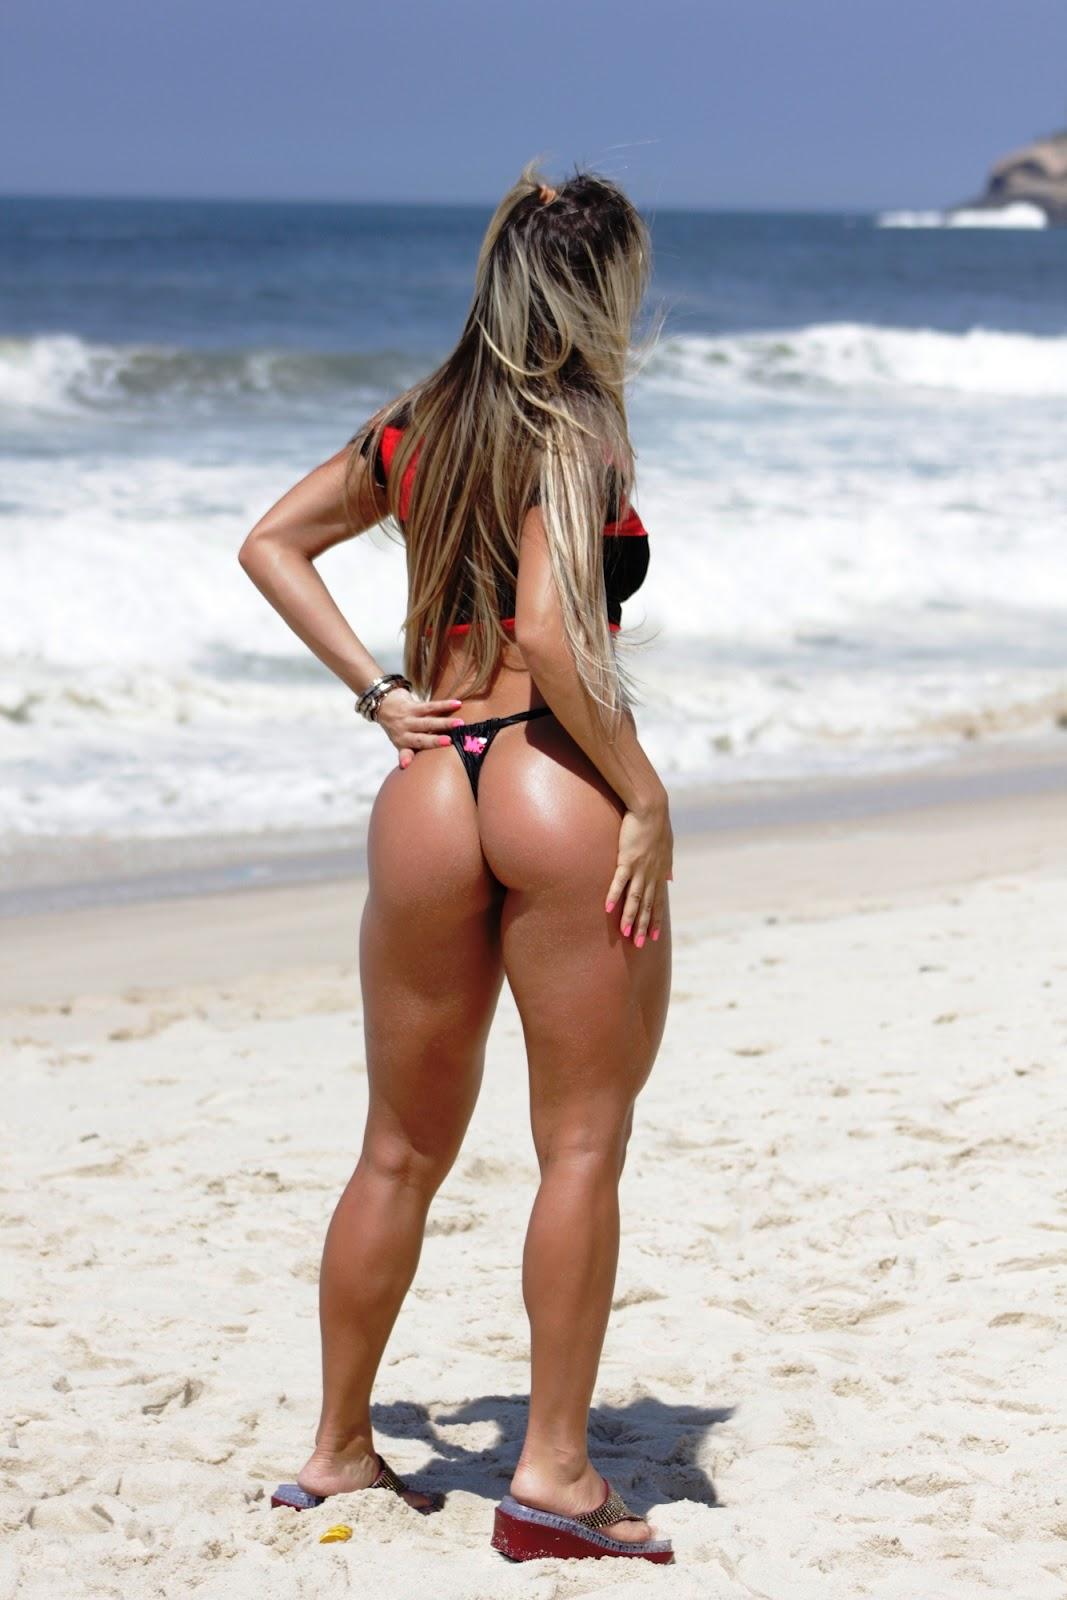 Brazilian women's butts in bikini's